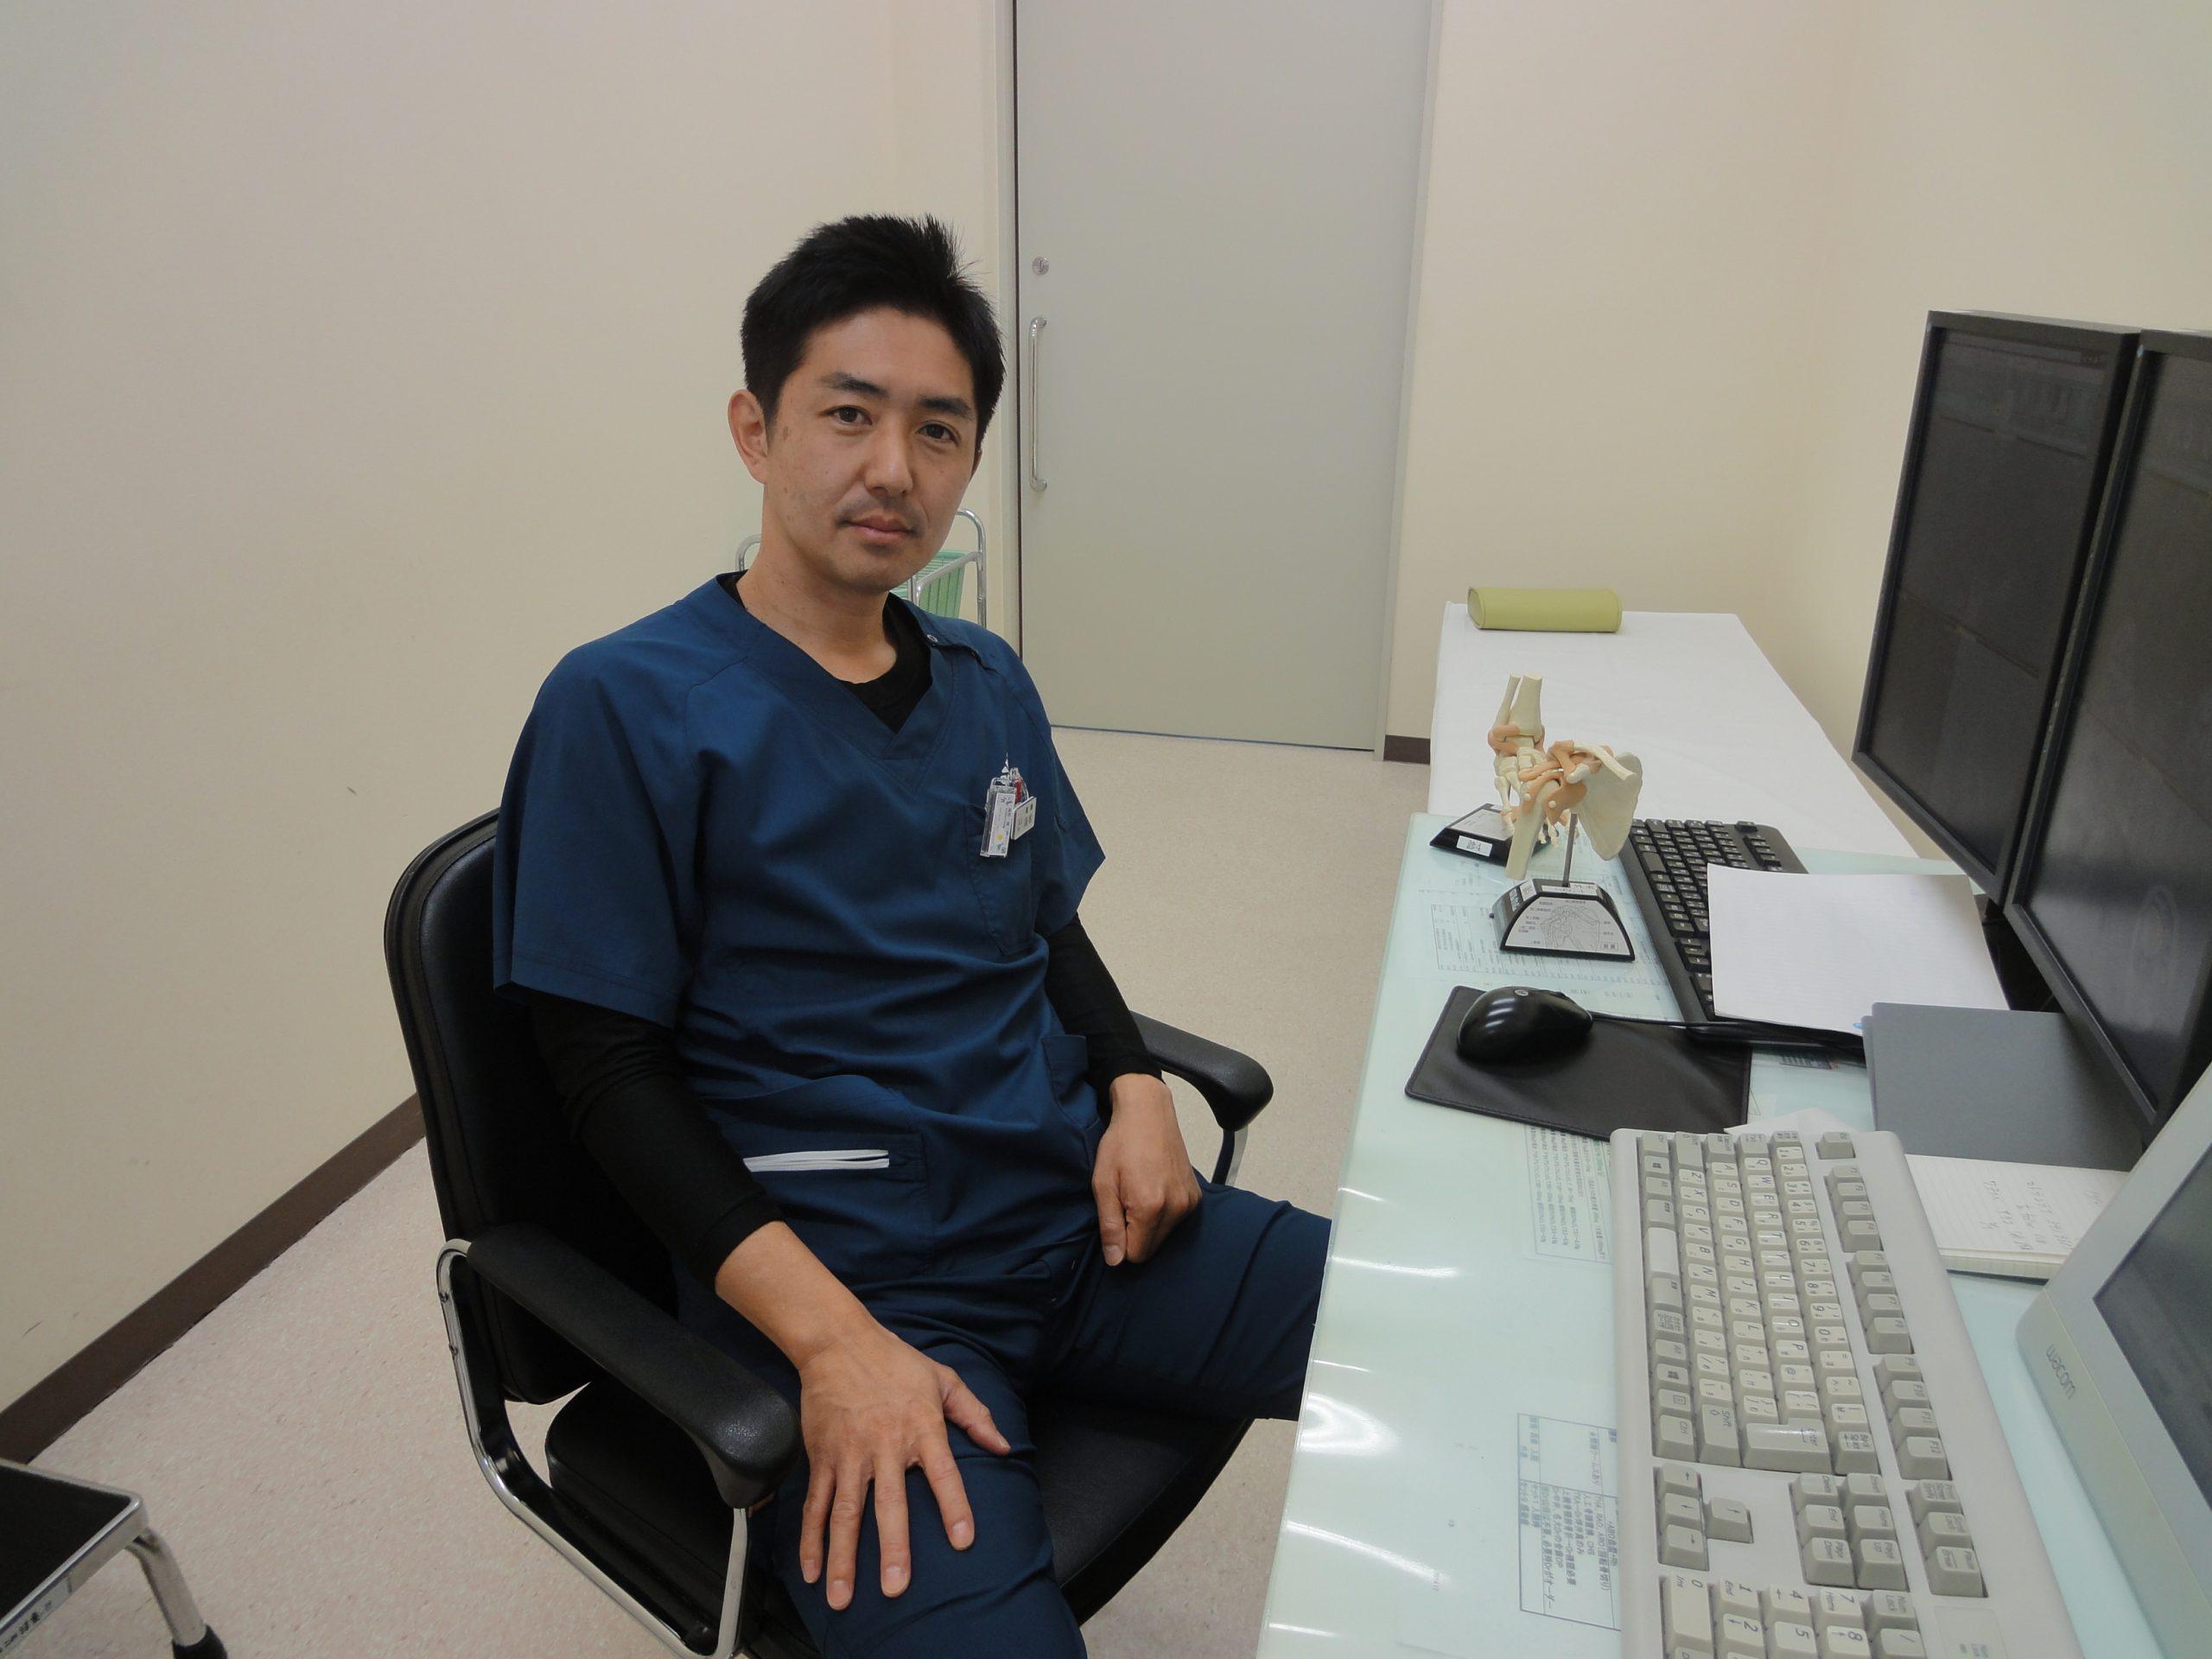 外科 吉田 整形 吉田駅周辺(近鉄けいはんな線) 整形外科の病院・クリニック